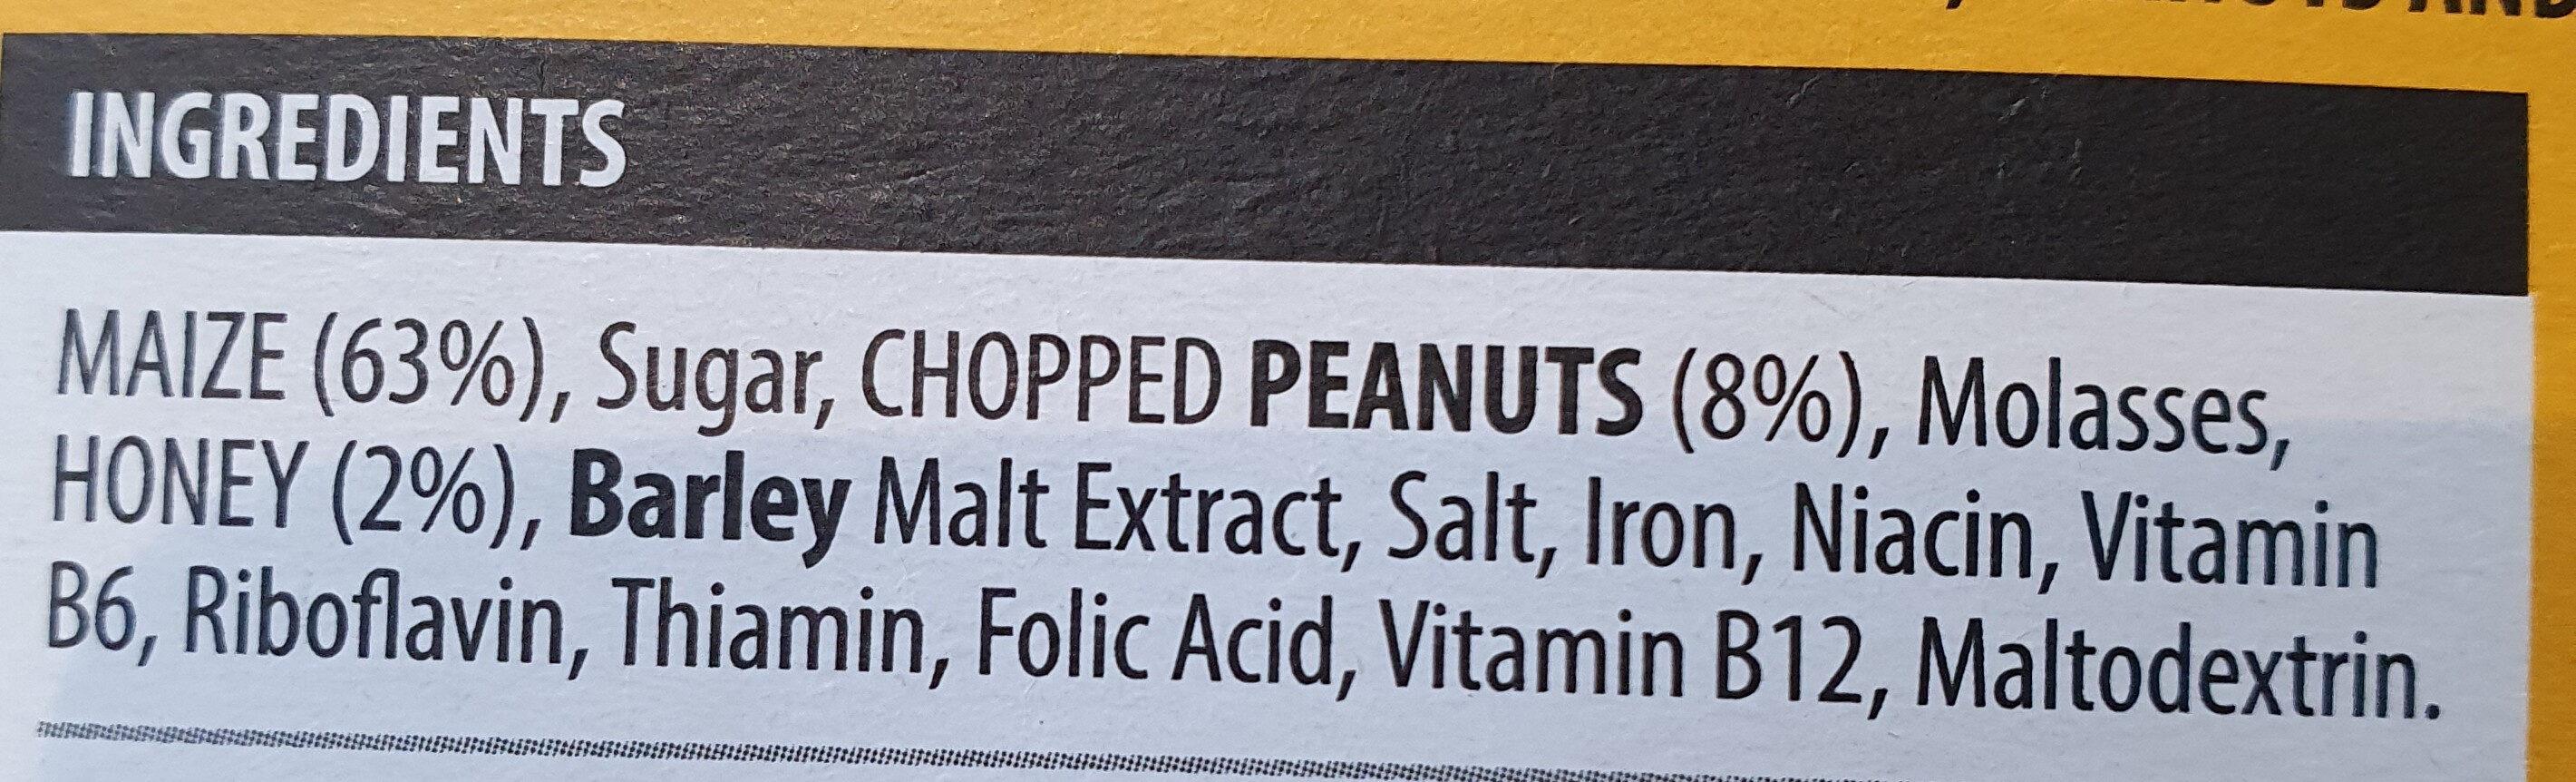 Honey nut - Ingredients - en